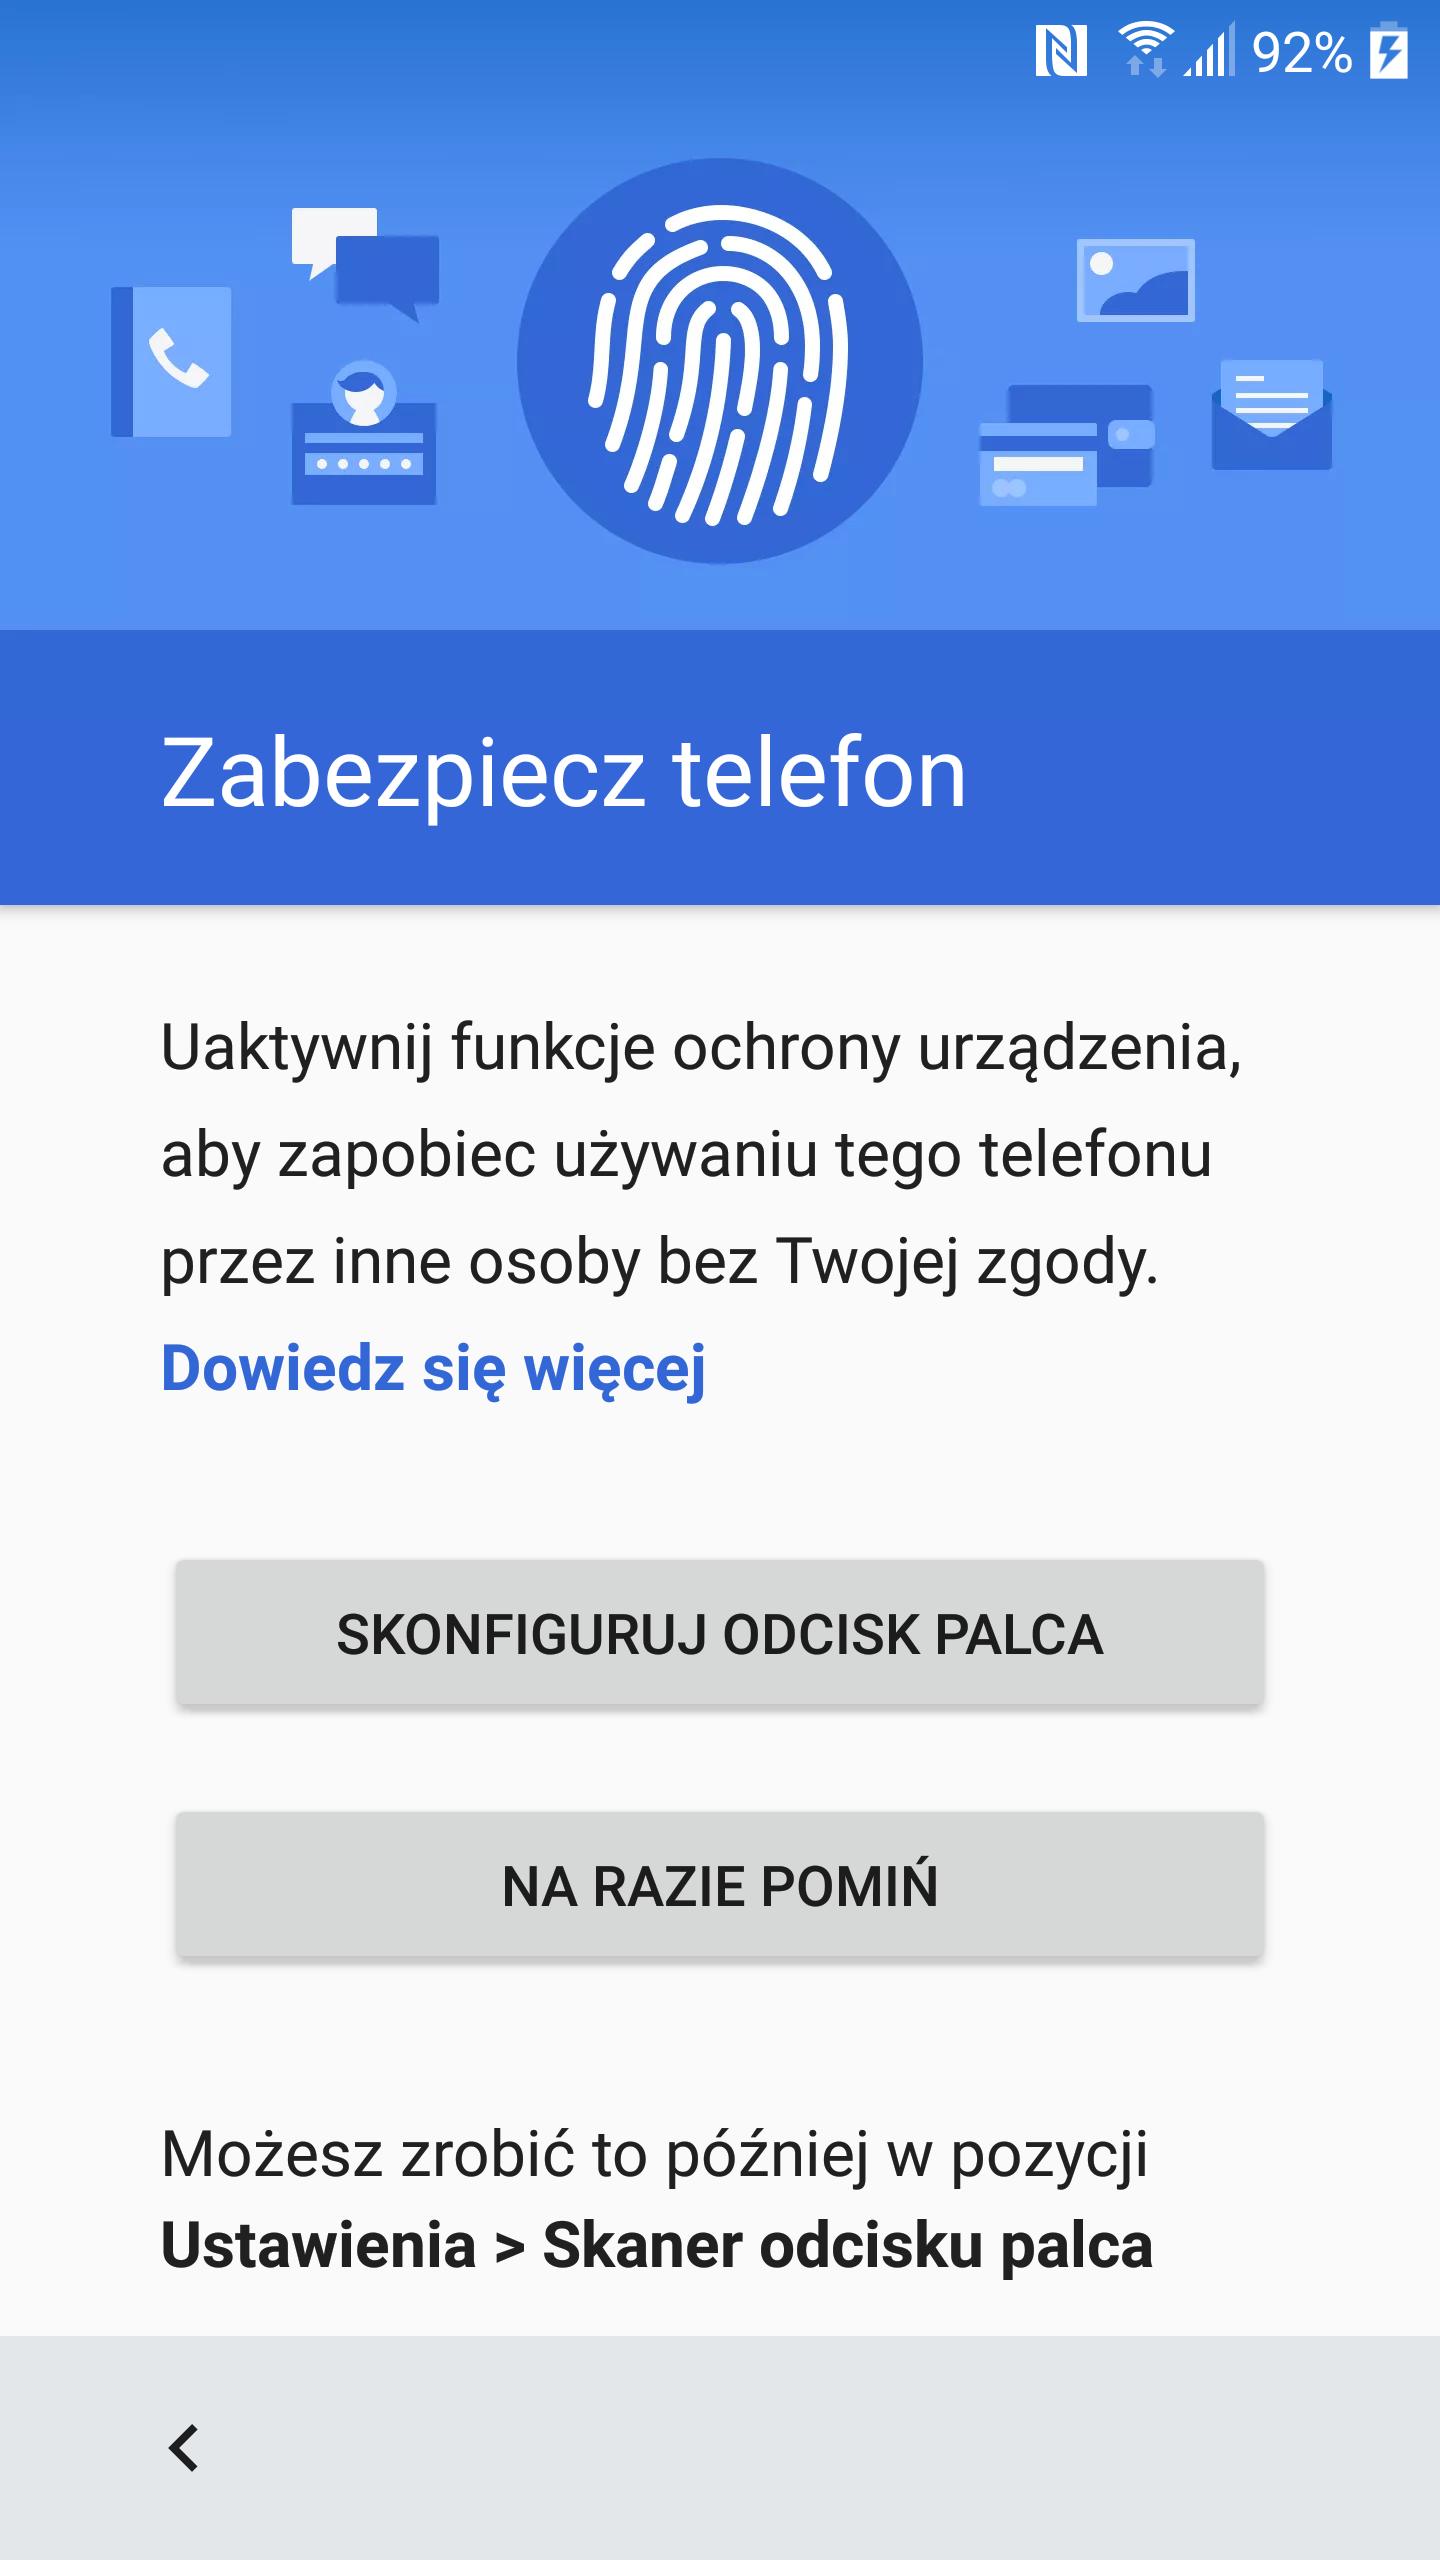 Zabezpieczenie HTC 10 odciskiem palca sprawdza się wybornie - recenzja 90sekund.pl